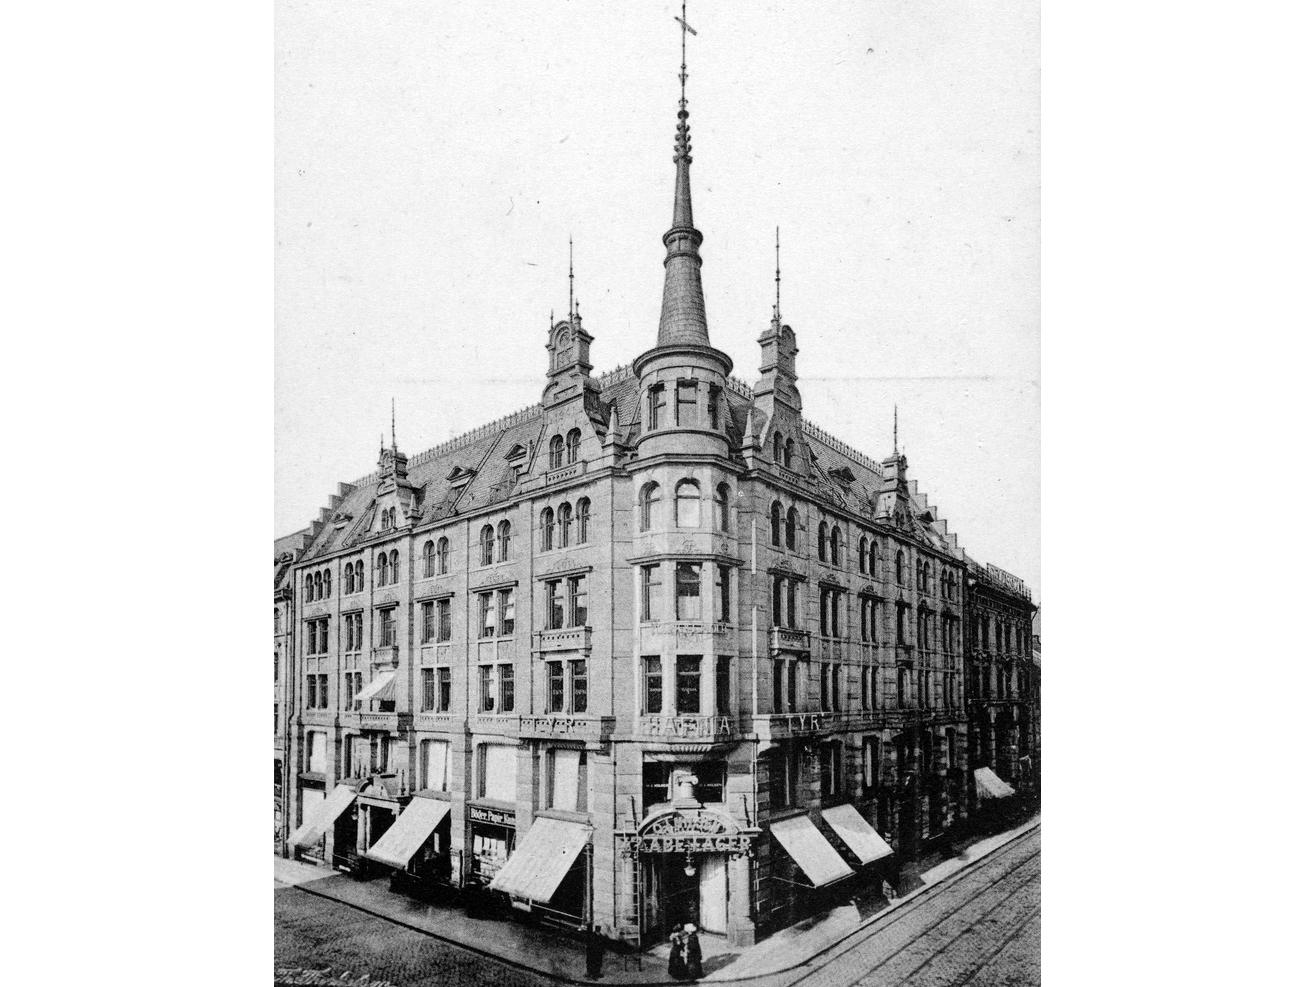 norske folk grensne 17 1900 design